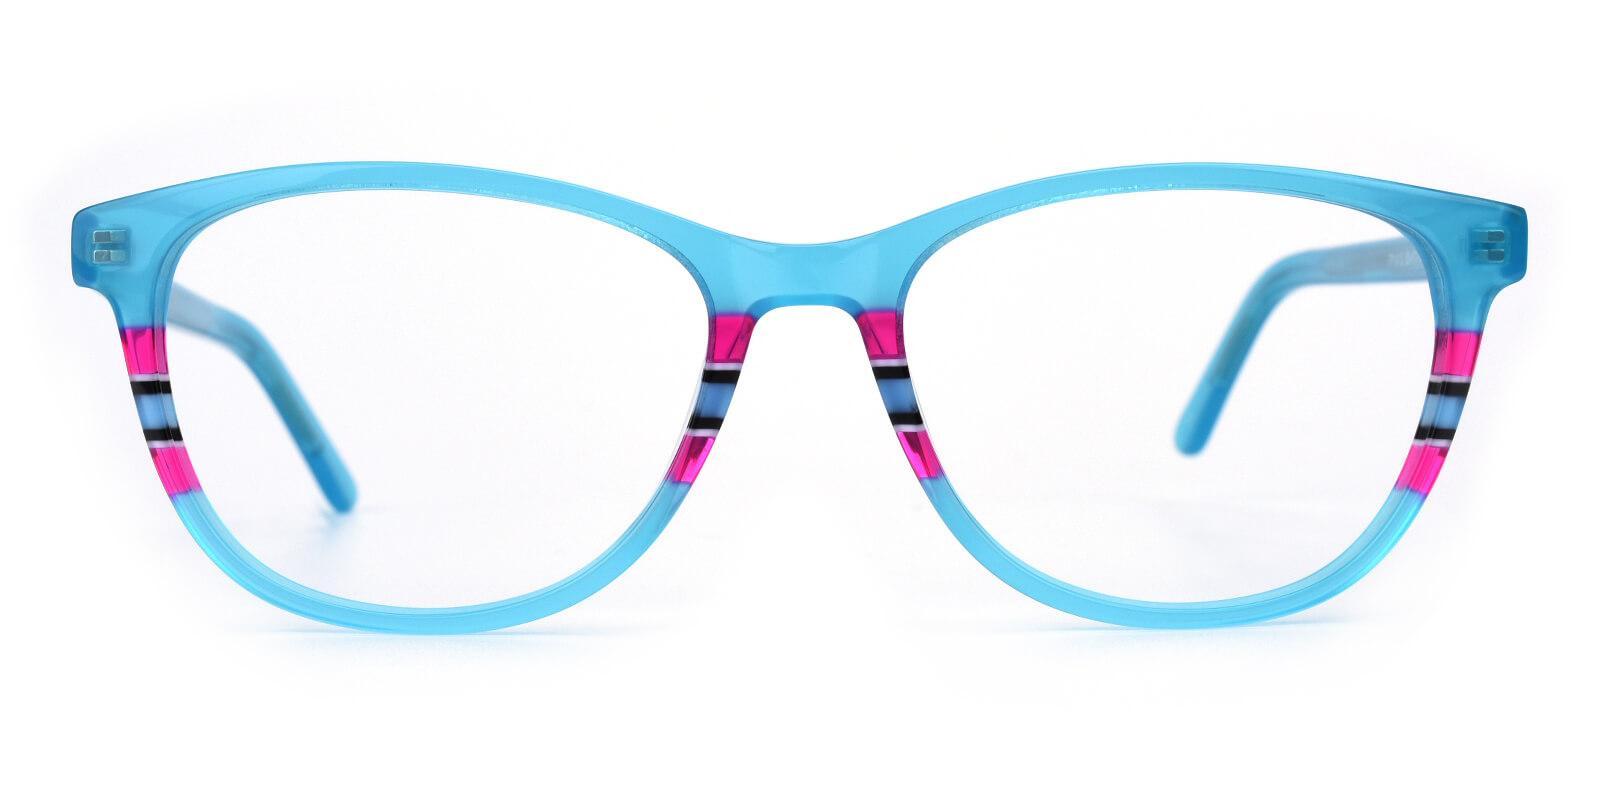 Faithely-Blue-Square-Acetate-Eyeglasses-additional2